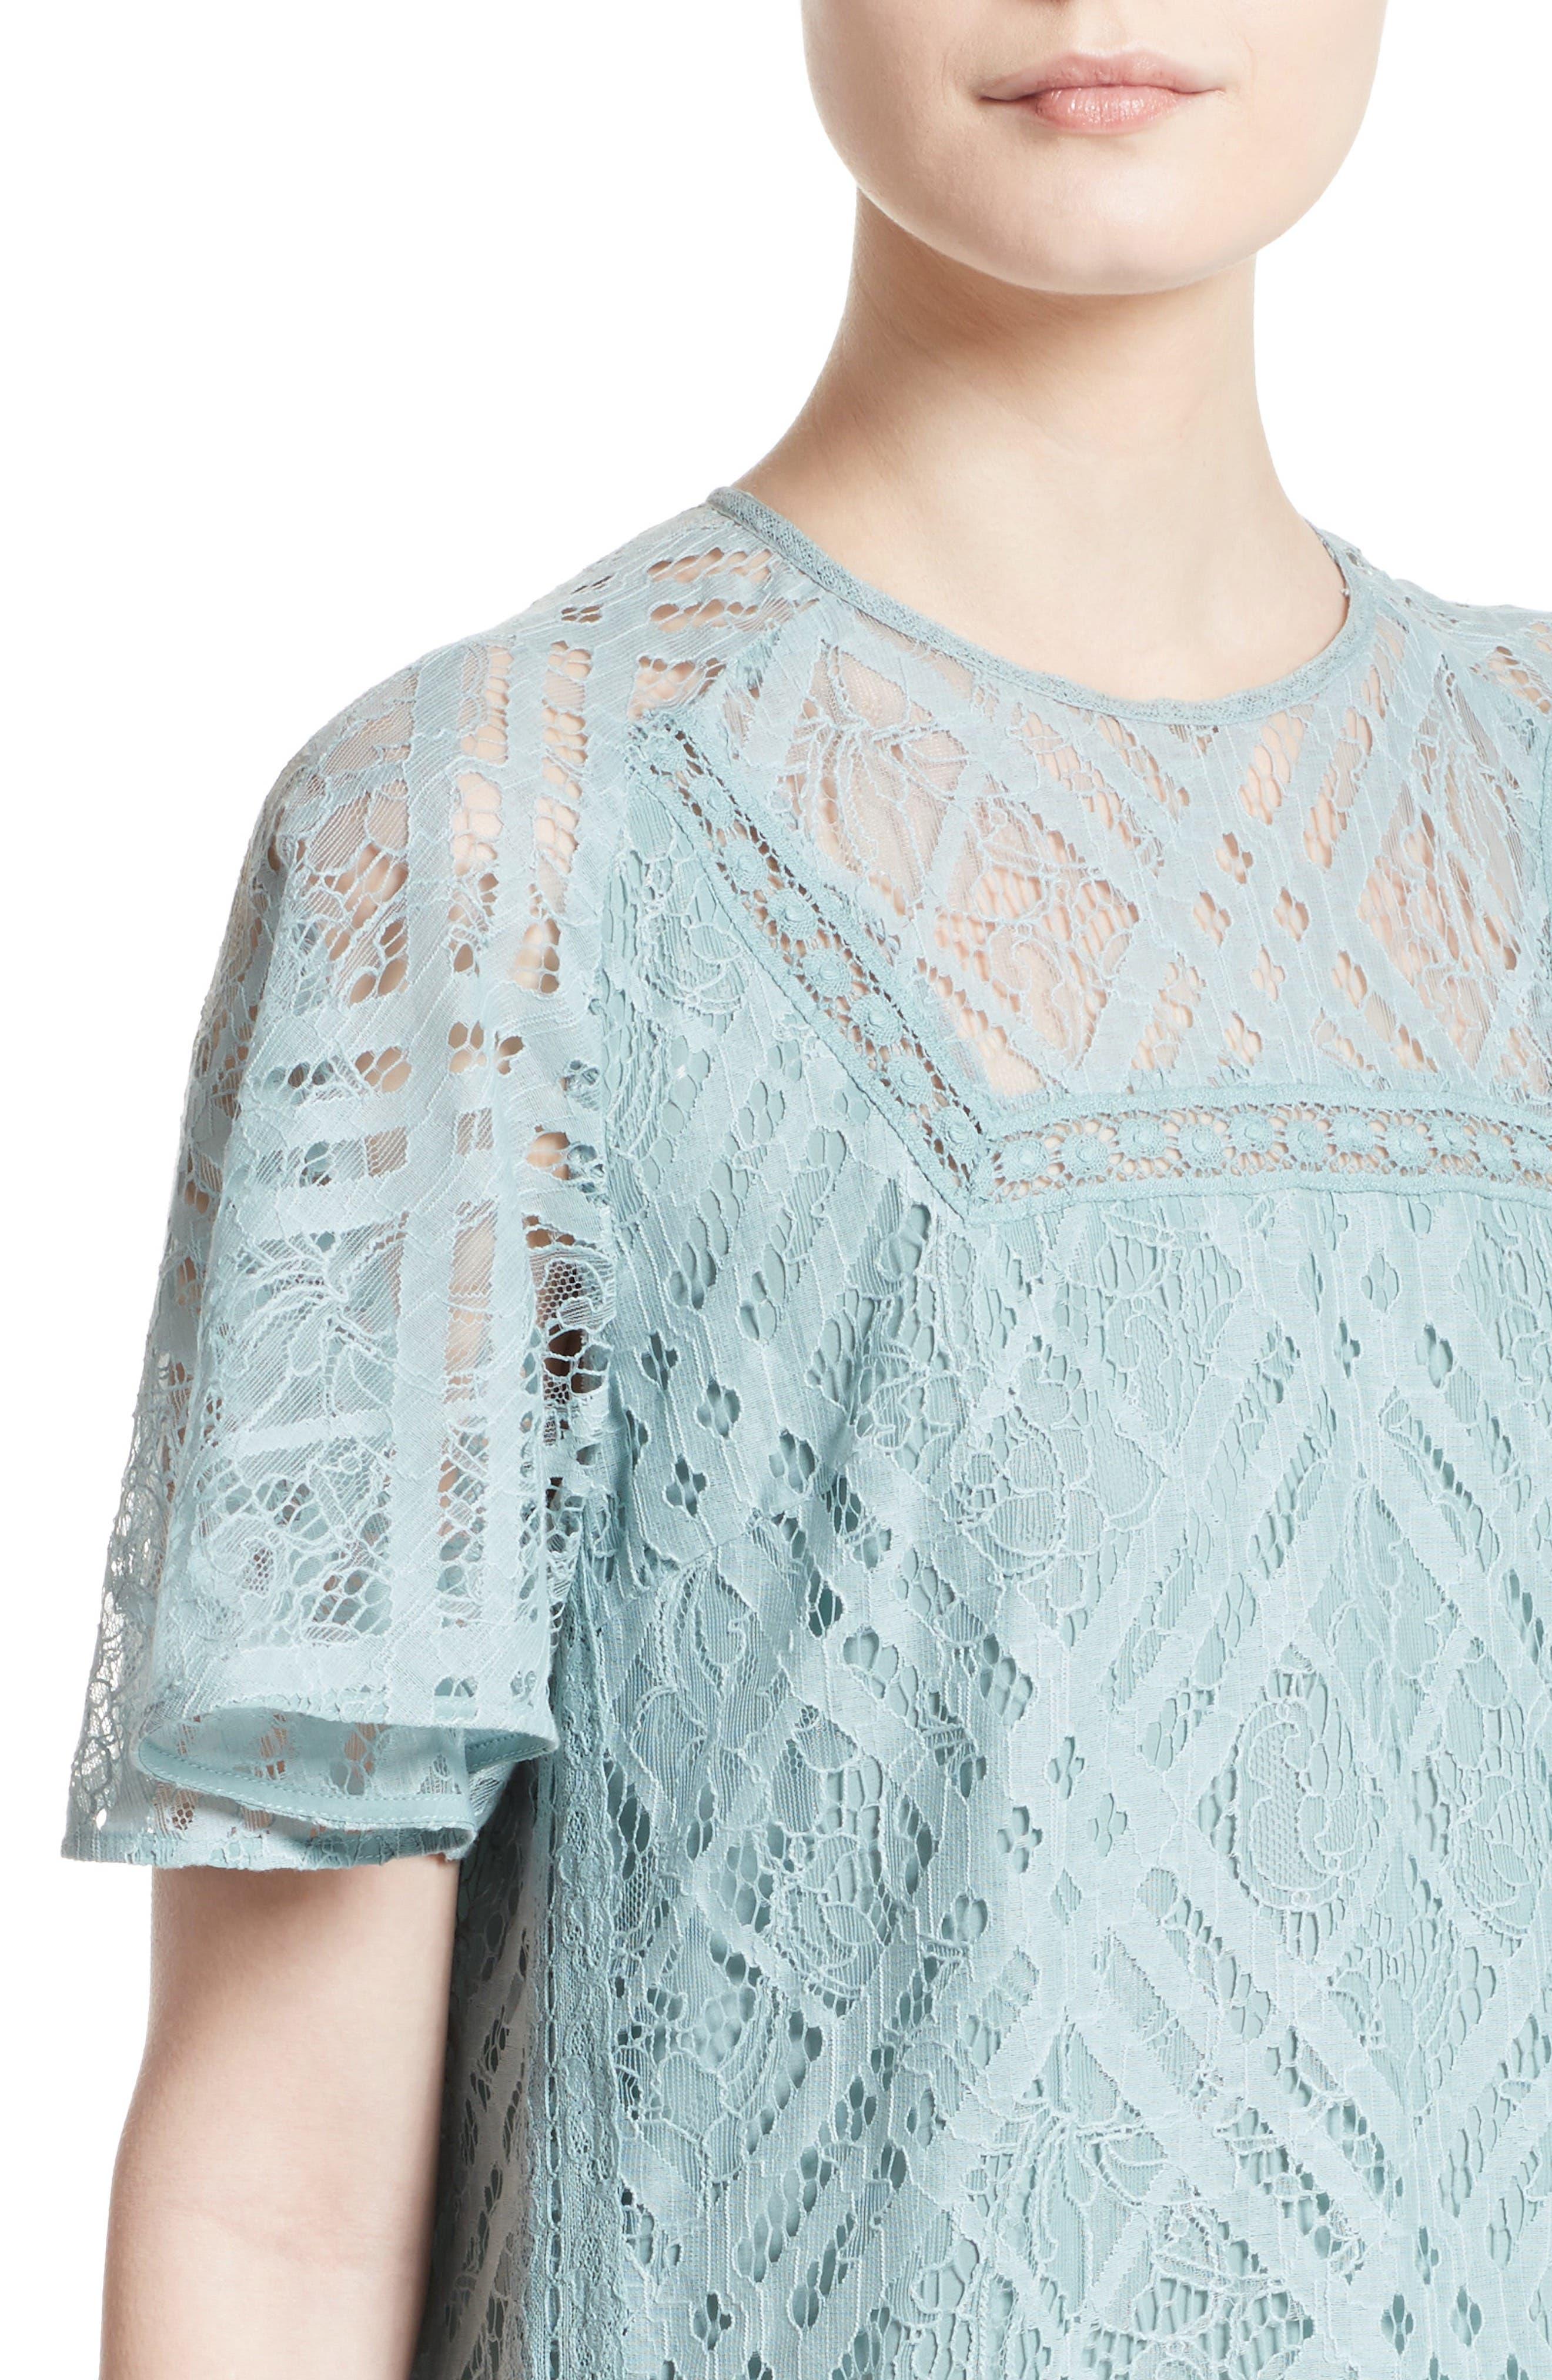 Keri Floral Check Lace Dress,                             Alternate thumbnail 4, color,                             450